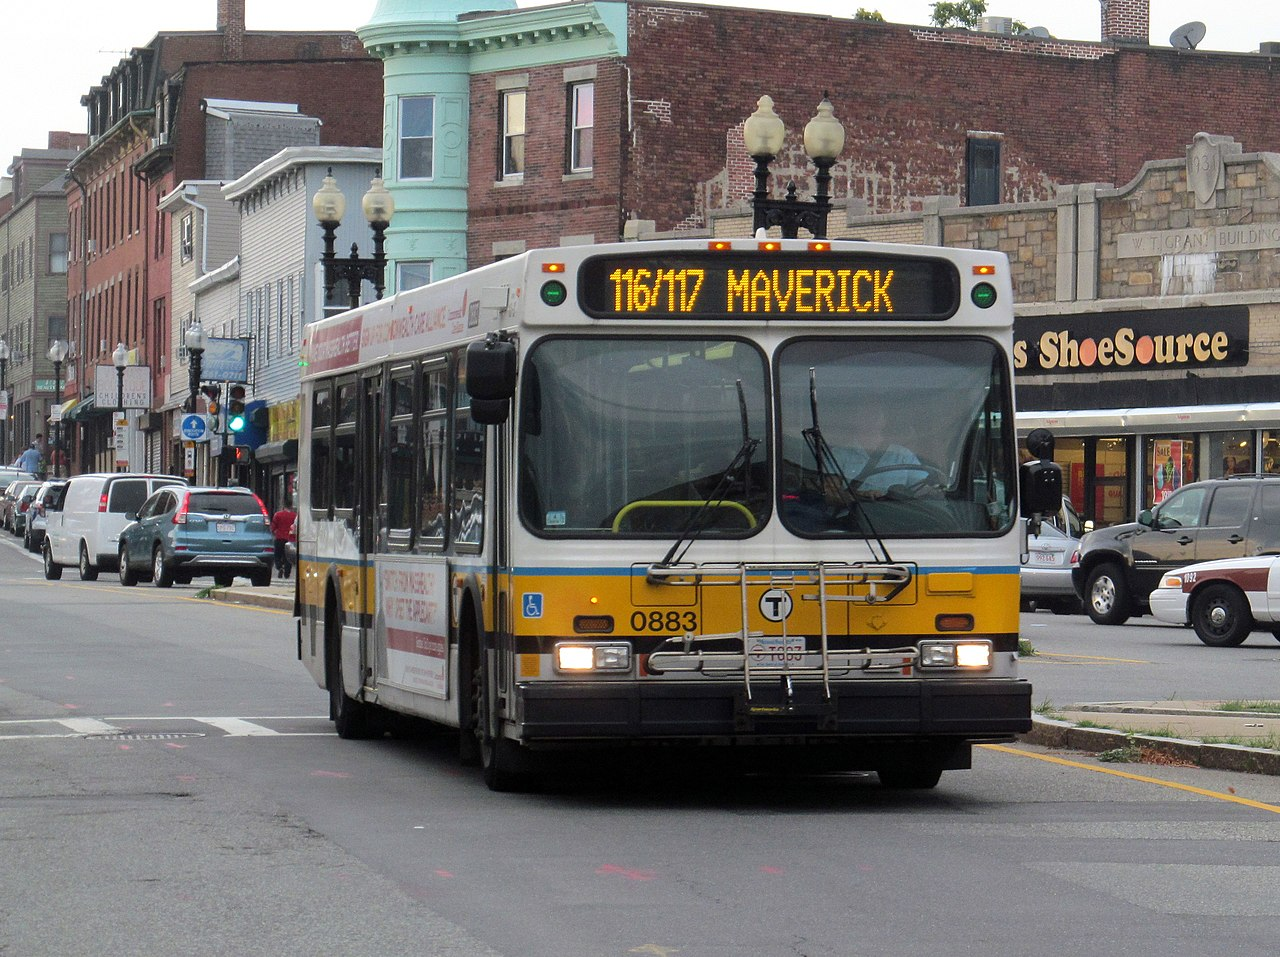 File Mbta Route 116 117 Bus On Meridian Street August